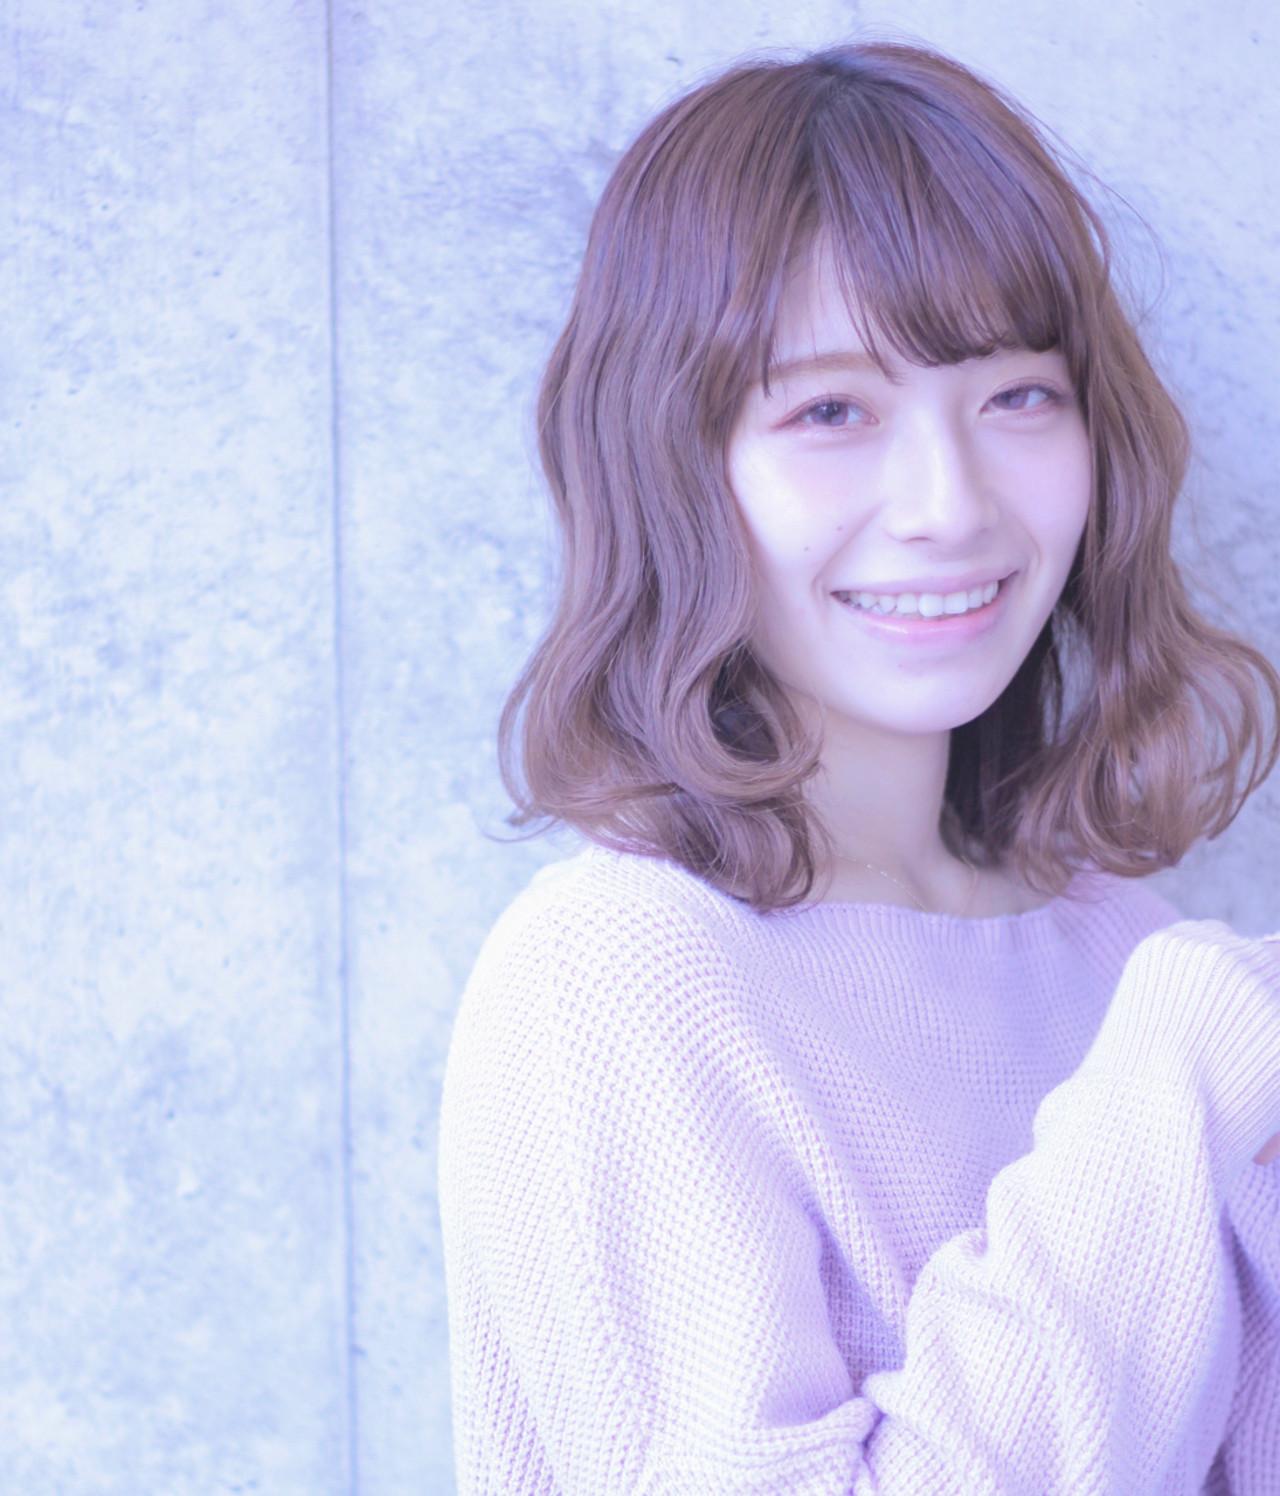 斜瀏海×蓬鬆輕軟卷度,營造出女人味♡ Wataru Maeda | cache cache